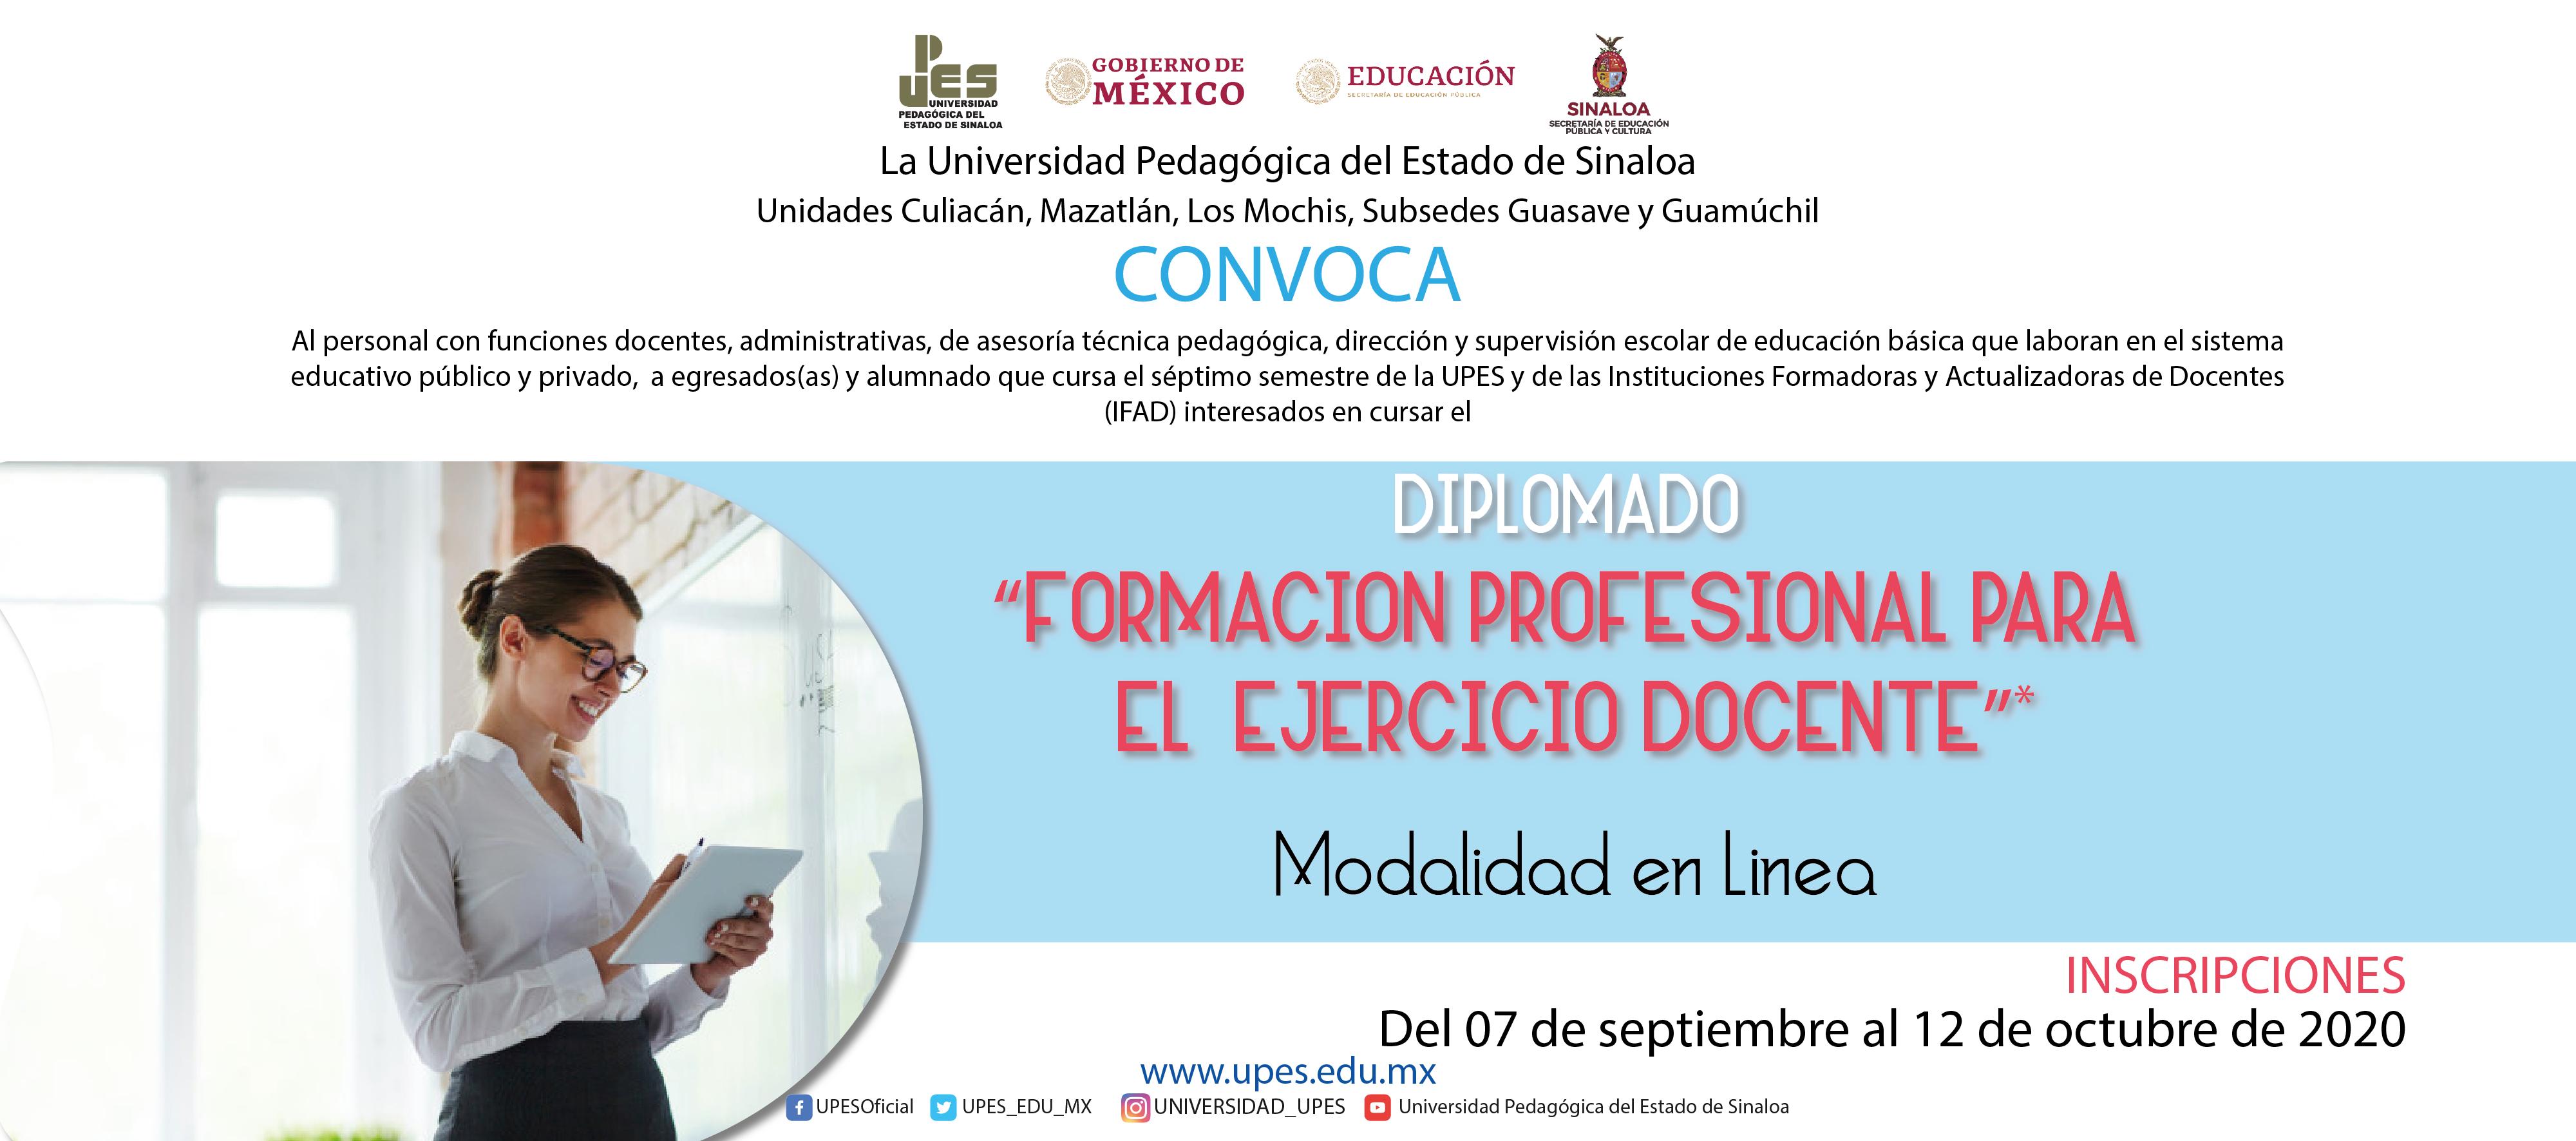 DIPLOMADO-formacin-profesional-para-el-ejercicio-docente_banner-web